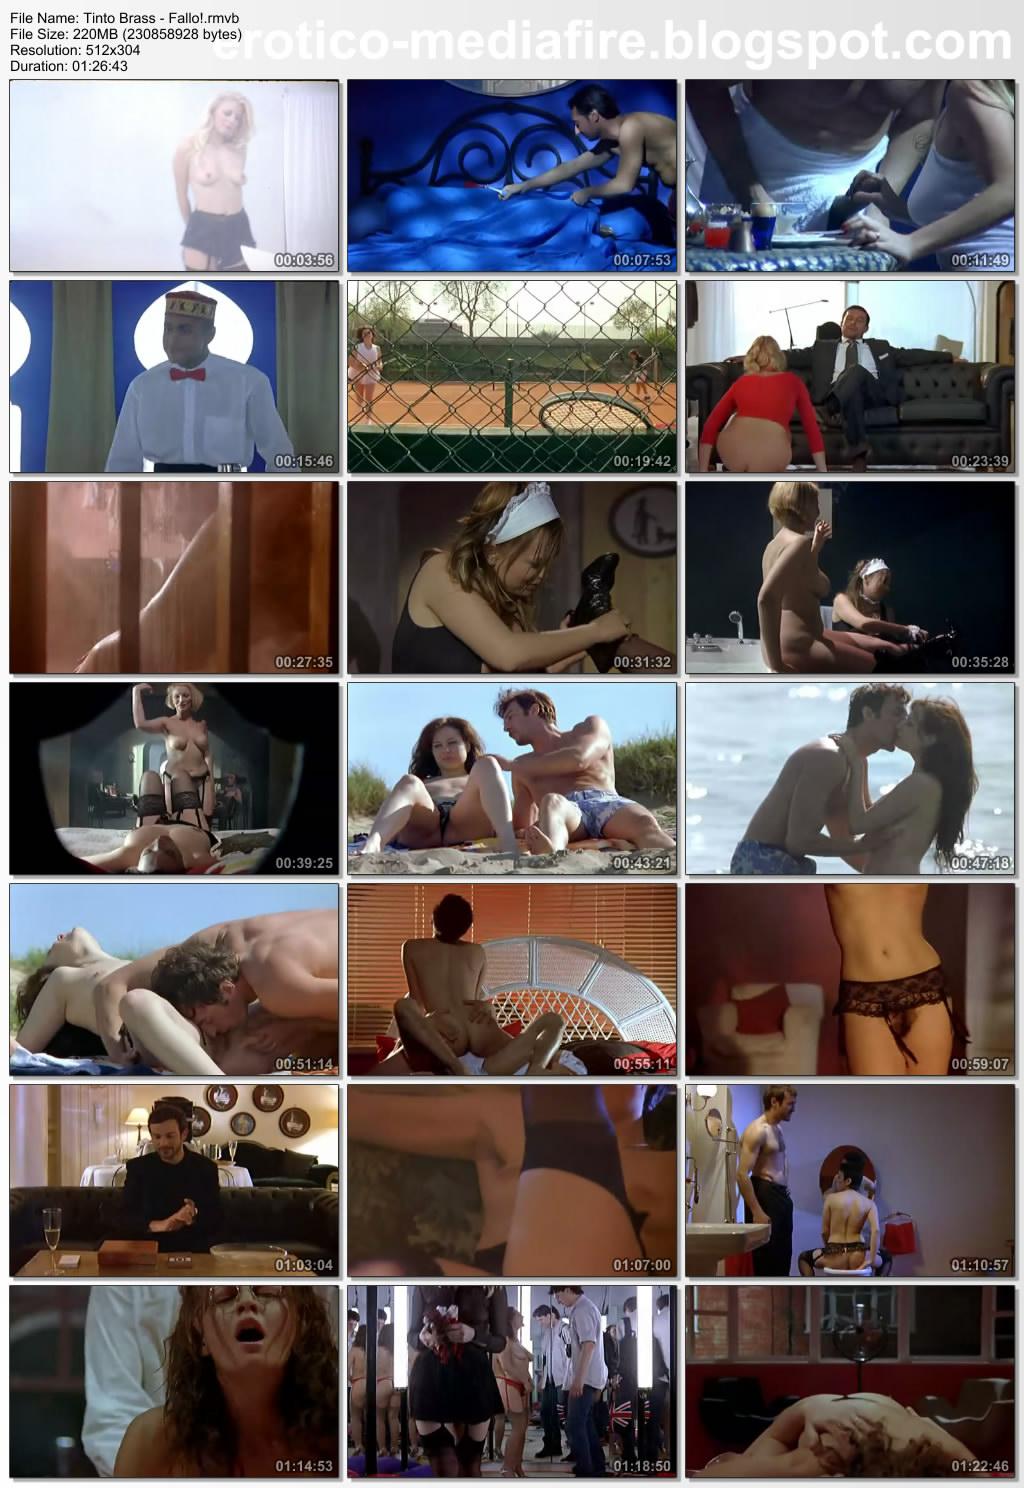 Эротические филми тинто бросса 26 фотография